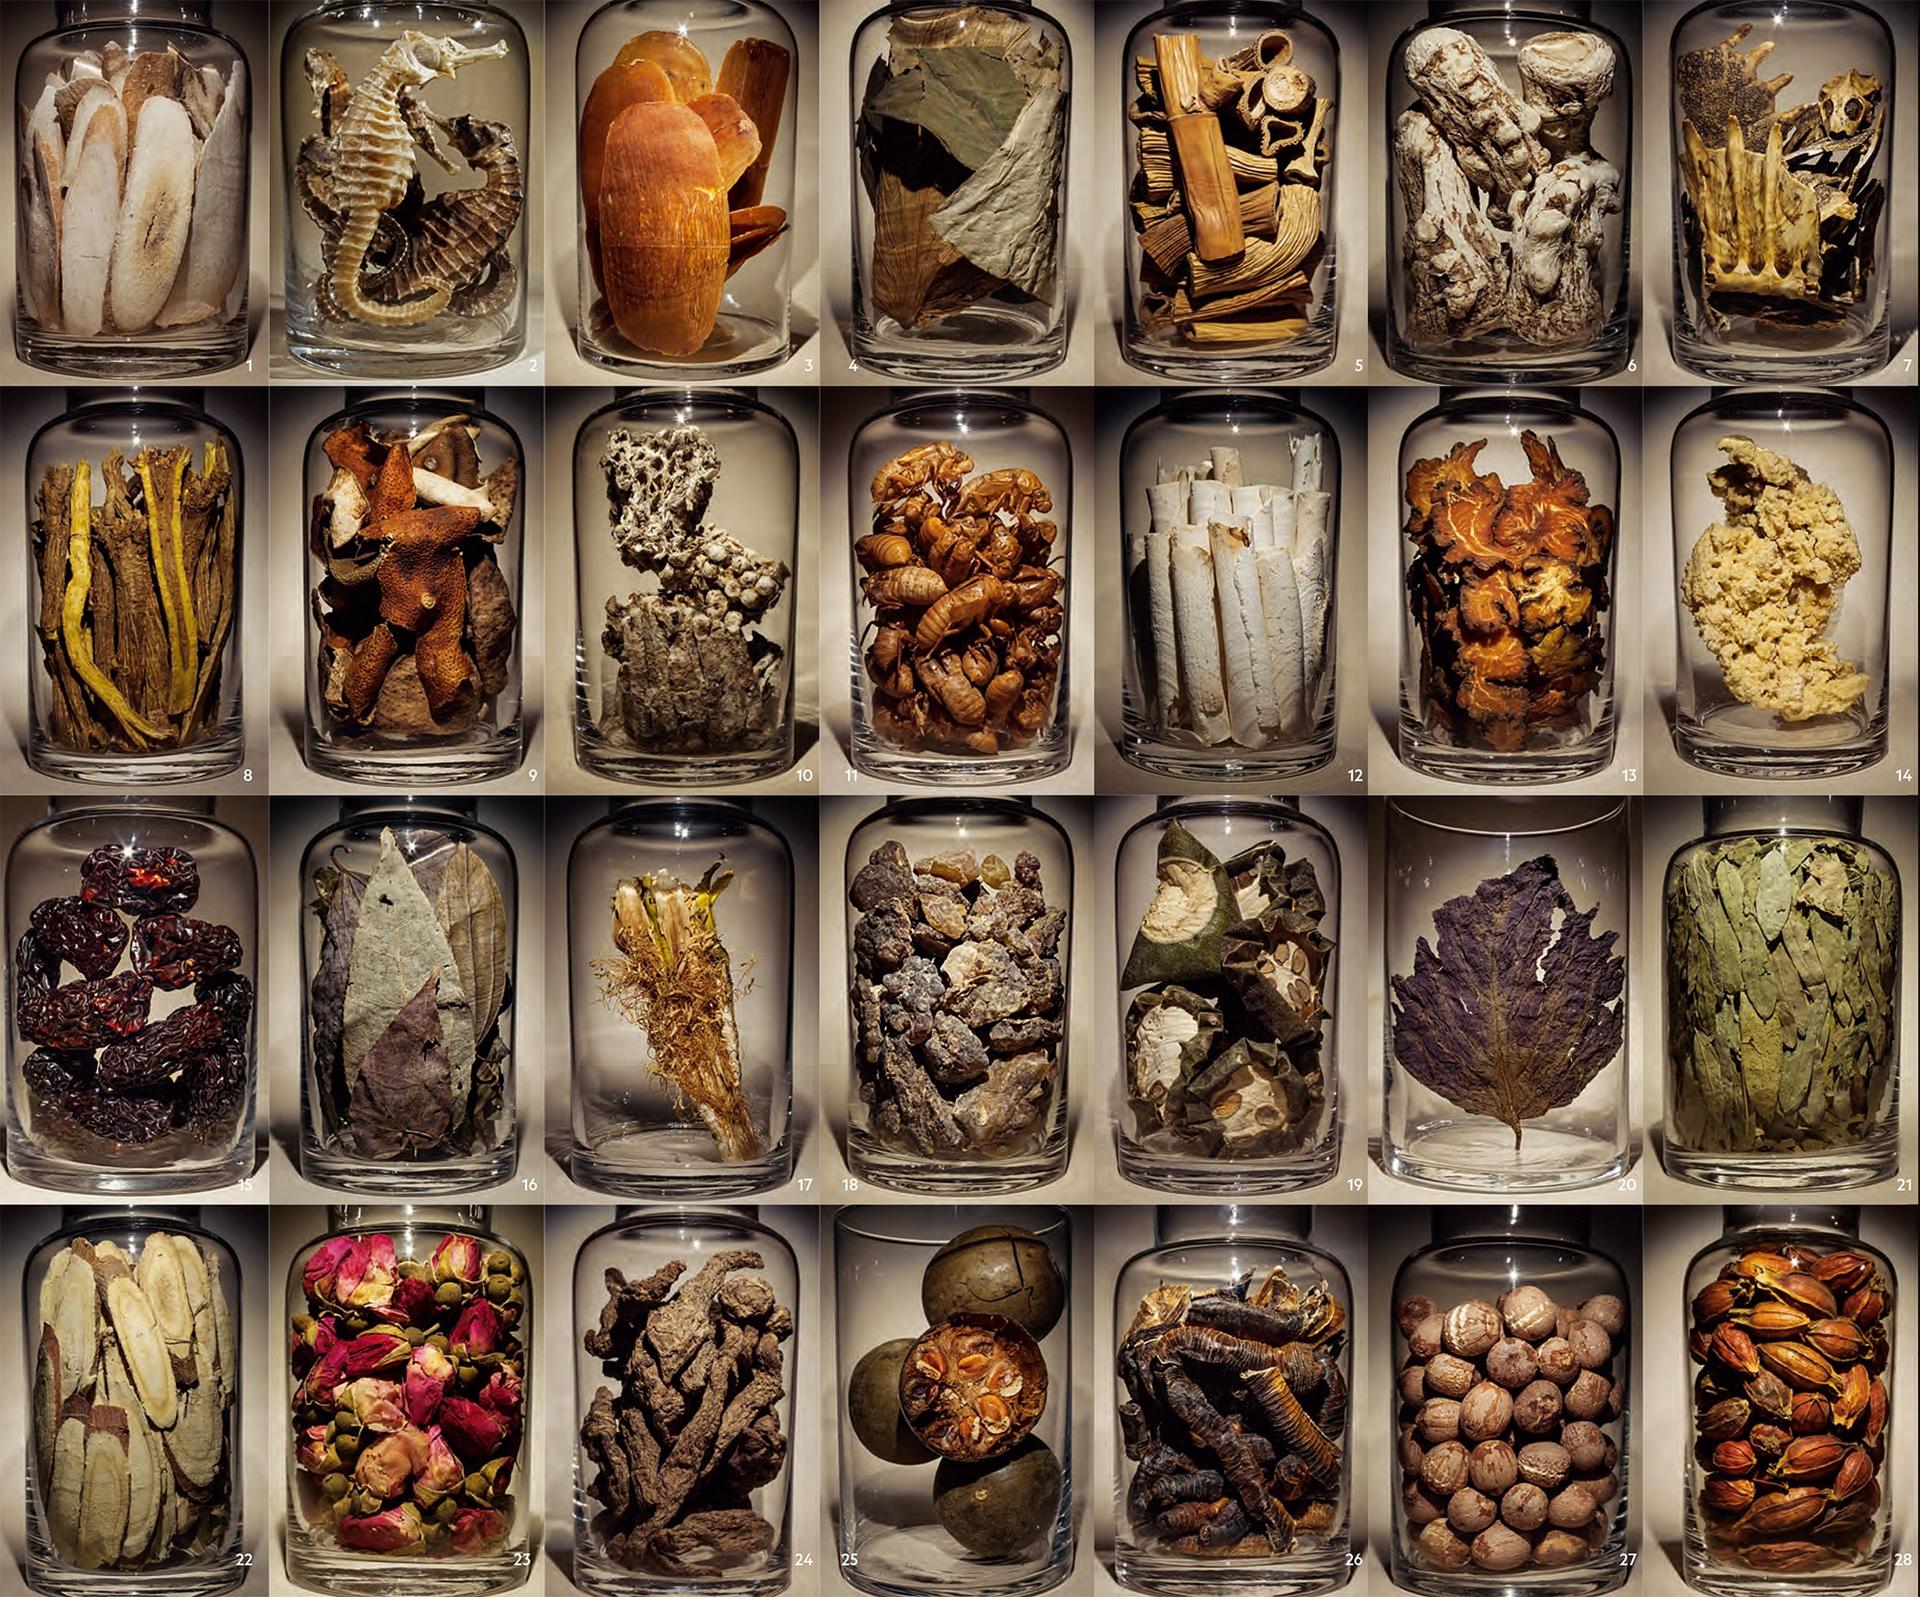 兩千兩百多年以來,中醫師使用多種天然藥材來治病,包括三七、海馬、玫瑰花、甘草與紫河車(人類胎盤)。中國與世界上其他地方至今仍天天使用這些與其他數千種藥材。(請至ngm.com/Jan2019深入認識這些藥材及其功能。)  第一行編號1、8、15、22號罐中的藥材已被耶魯大學用於開發大有可為的抗癌藥物PHY906。  1. 白芍 2. 海馬 3. 天麻 4. 荷葉 5. 蘆根 6. 當歸 7. 鱉甲 8. 黃芩 9. 陳皮 10. 蜂房 11. 蟬蛻 12. 茯苓 13. 川芎 14. 紫河車 15. 大棗 16. 淫羊霍 17. 量天尺 18. 乳香 19. 栝蔞實 20. 紫蘇葉 21. 番瀉葉 22. 甘草 23. 玫瑰花 24. 地黃 25. 羅漢果 26. 地龍 27. 蓮子 28. 梔子  藥材大小並非實際比例。 PHOTOGRAPHED AT EMPEROR'S COLLEGE OF TRADITIONAL ORIENTAL MEDICINE, SANTA MONICA, CALIFORNIA (3, 4, 5, 7, 10, 12, 13, 14, 18, 19, 24, 28) AND NATIONAL WILDLIFE PROPERTY REPOSITORY, COMMERCE CITY, COLORADO (2); SOURCES: ROBERT NEWMAN, EMPEROR'S COLLEGE OF TRADITIONAL ORIENTAL MEDICINE; AMY MATECKI, INTERNATIONAL CENTER FOR INTEGRATIVE MEDICINE